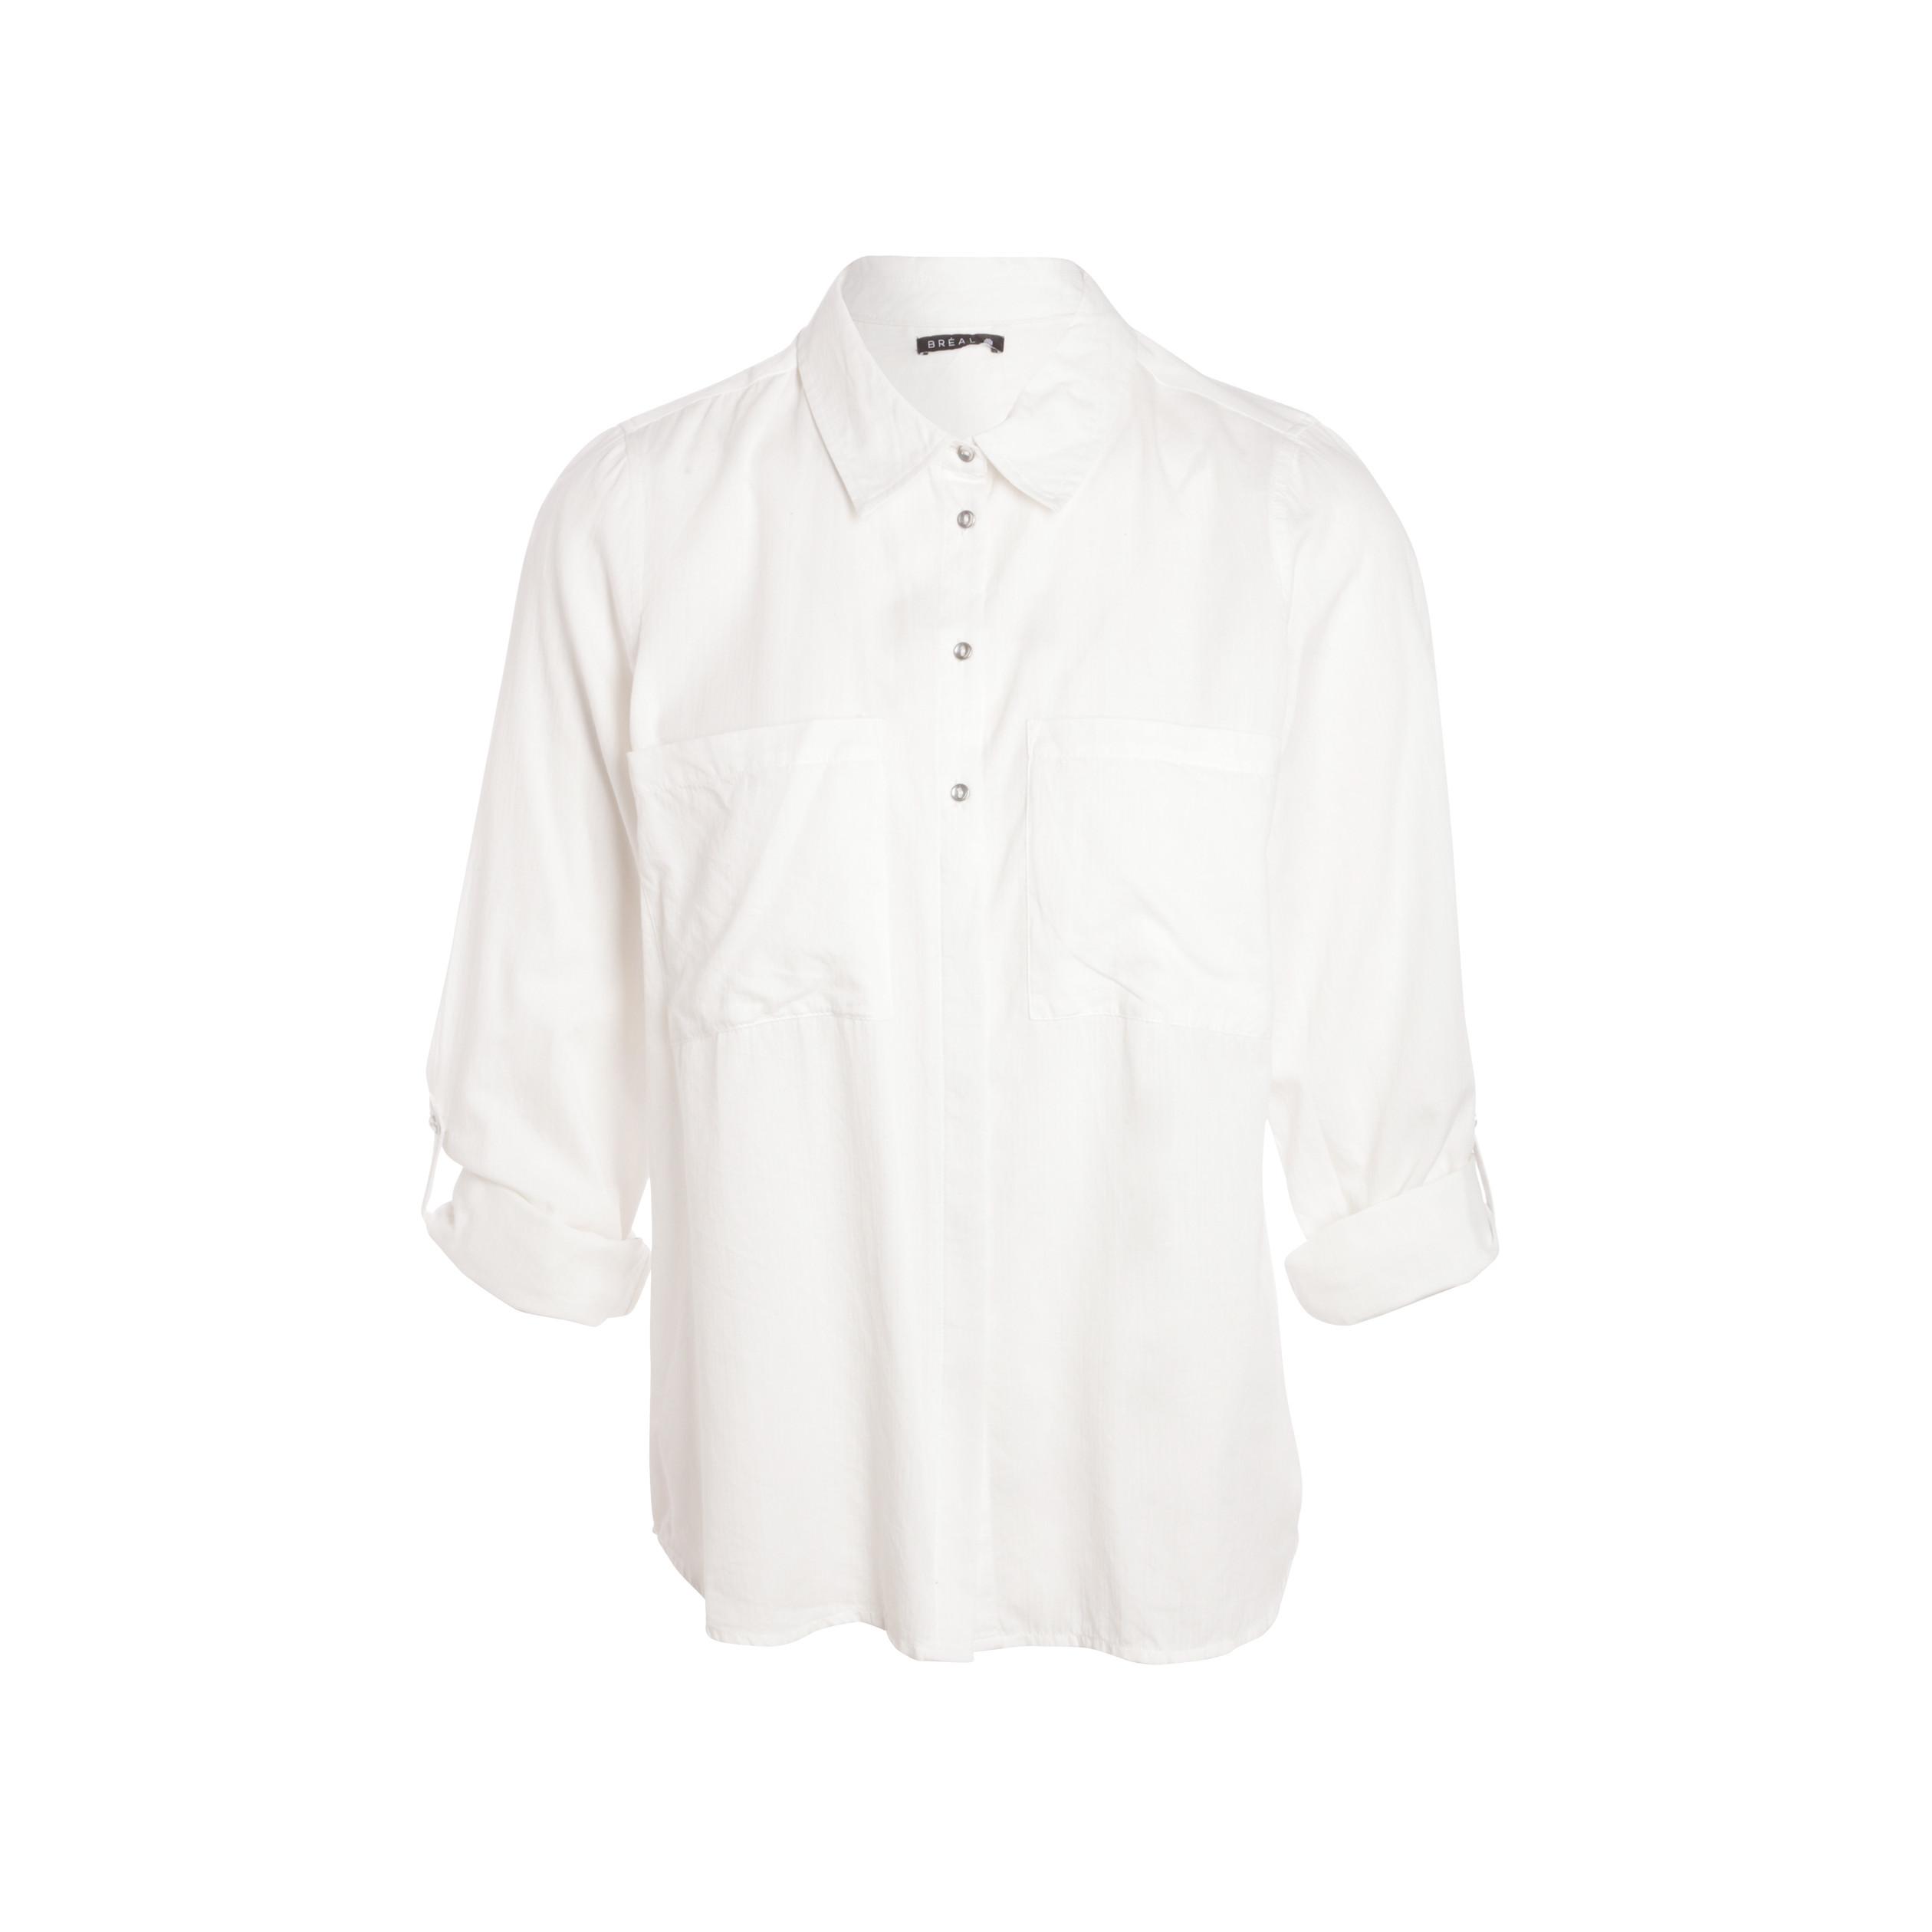 crudo mujer manga larga algodón Camisa para de de kZTuOPiX